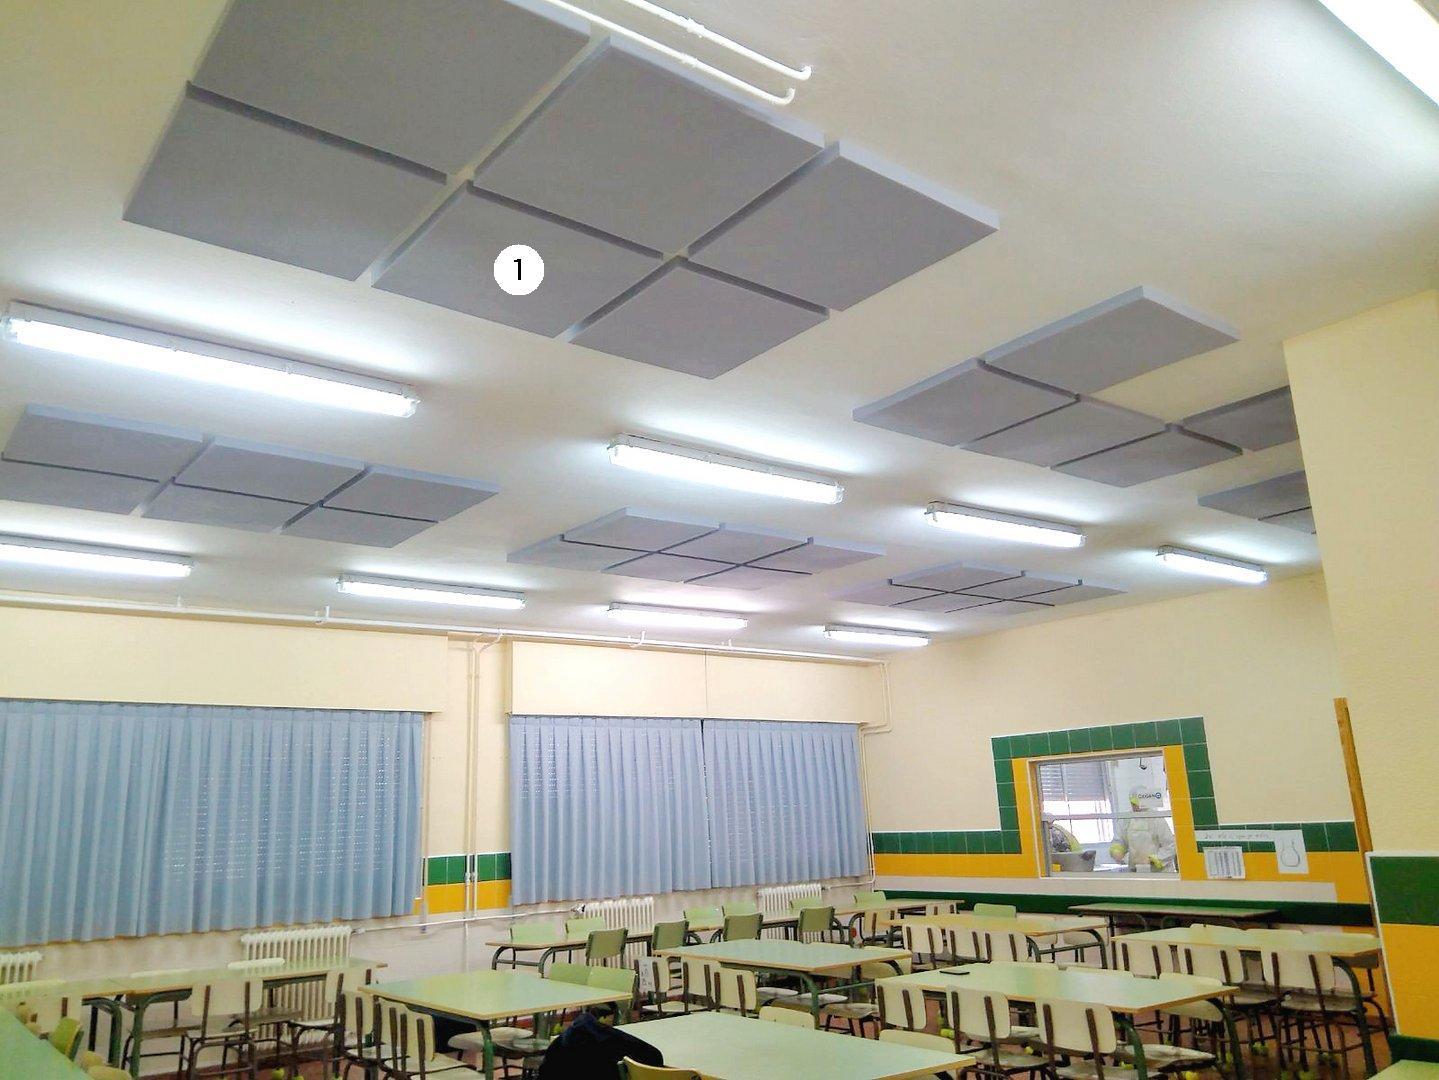 Paneles acusticos decorativos adaptados a la forma del techo